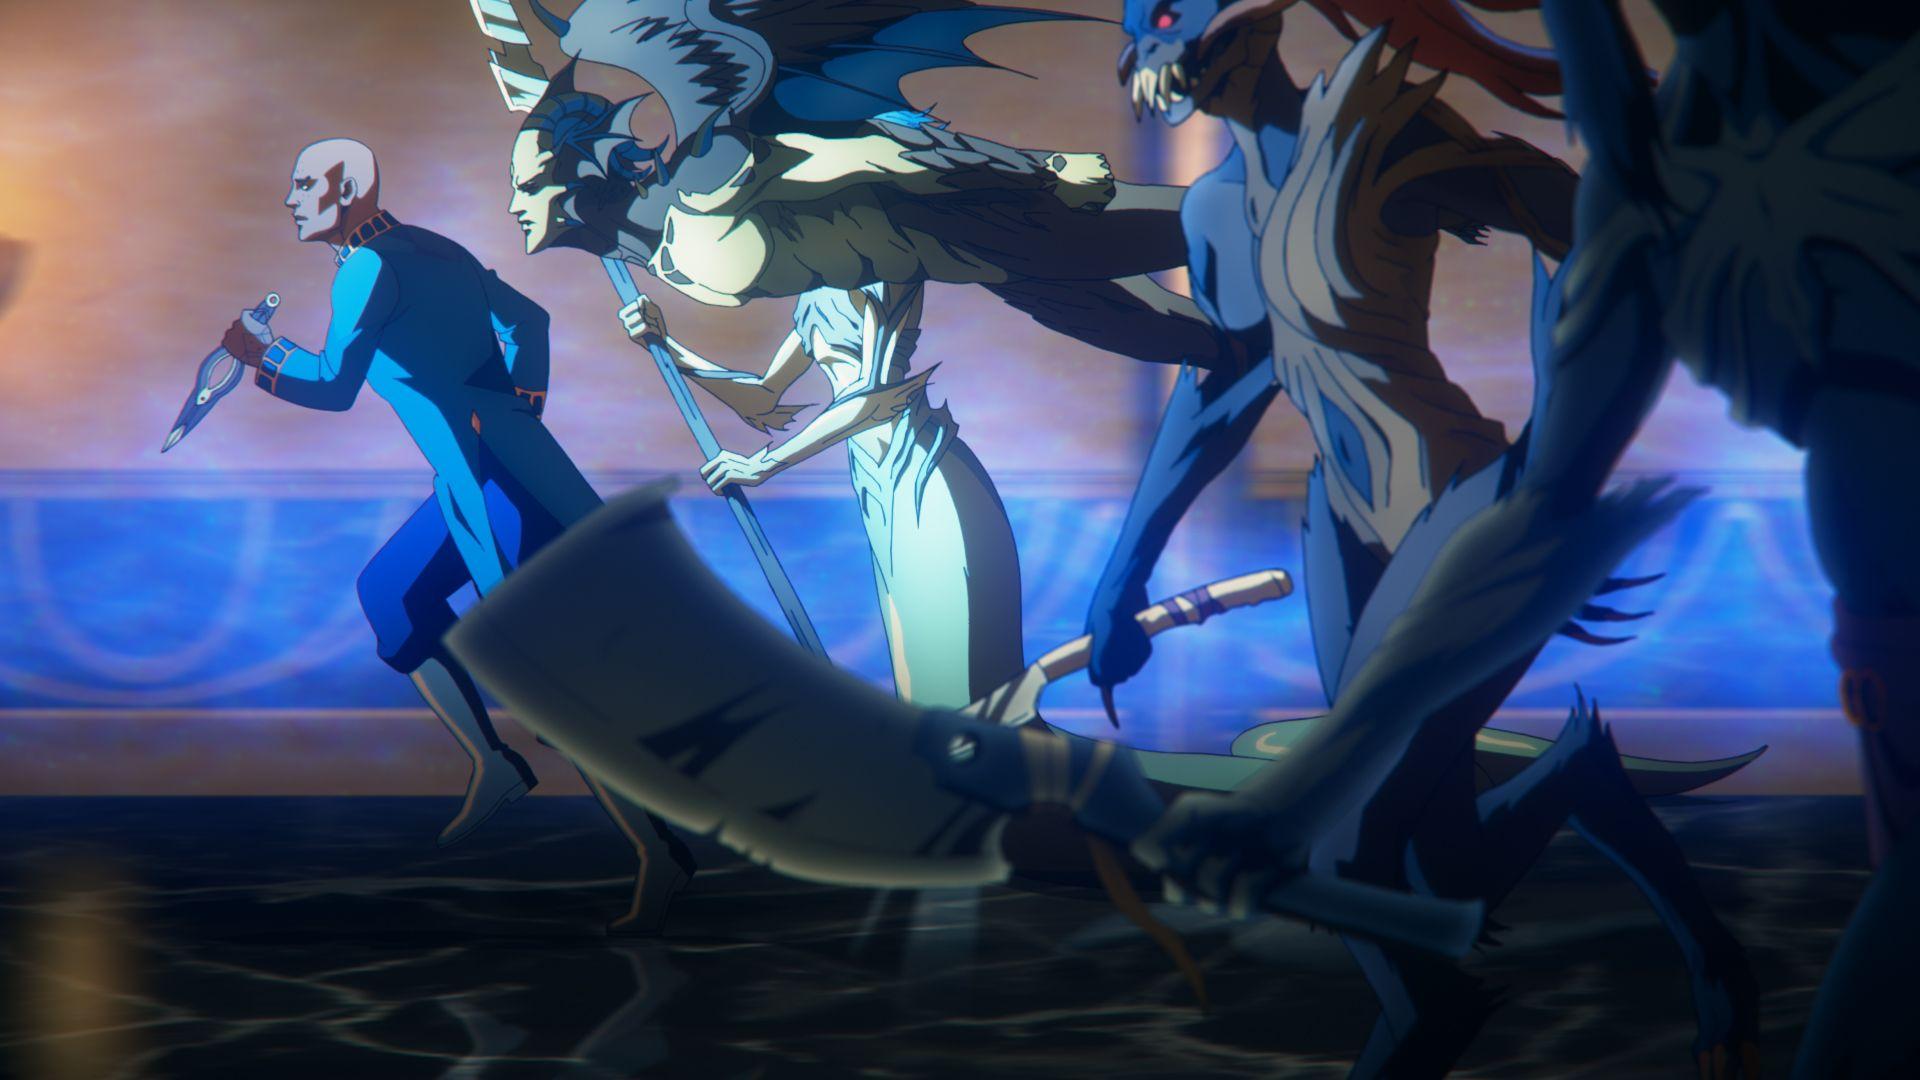 Castlevania mostra sua última temporada em um novo photoset 5